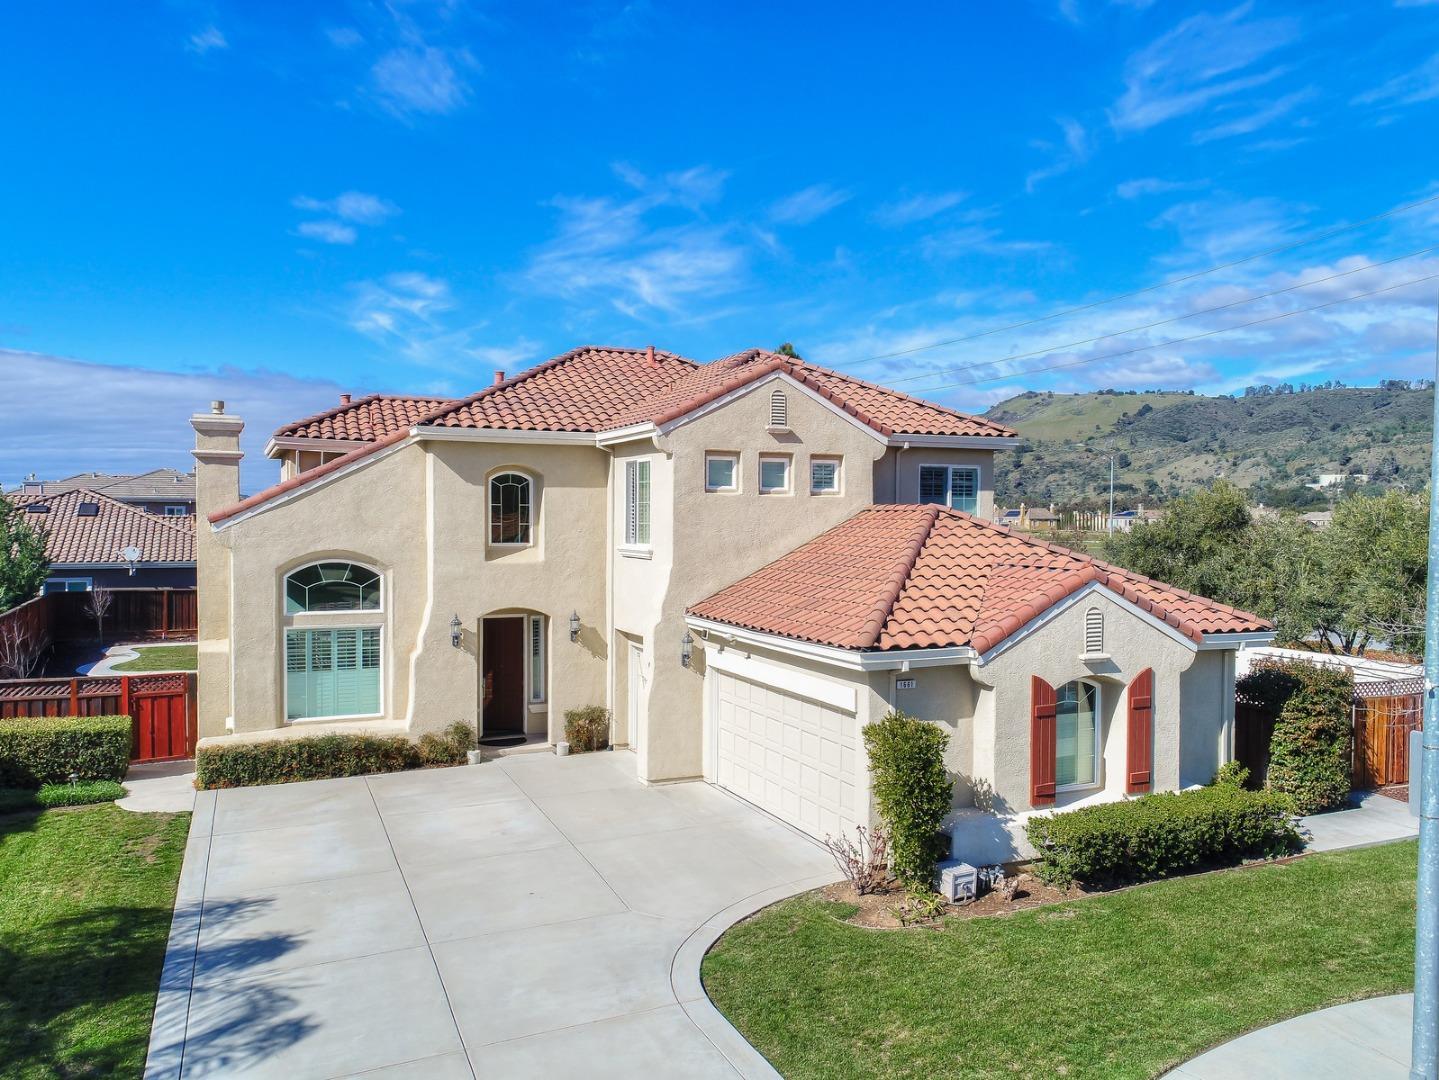 1661 Avenida De Los Padres 95037 - One of Morgan Hill Homes for Sale